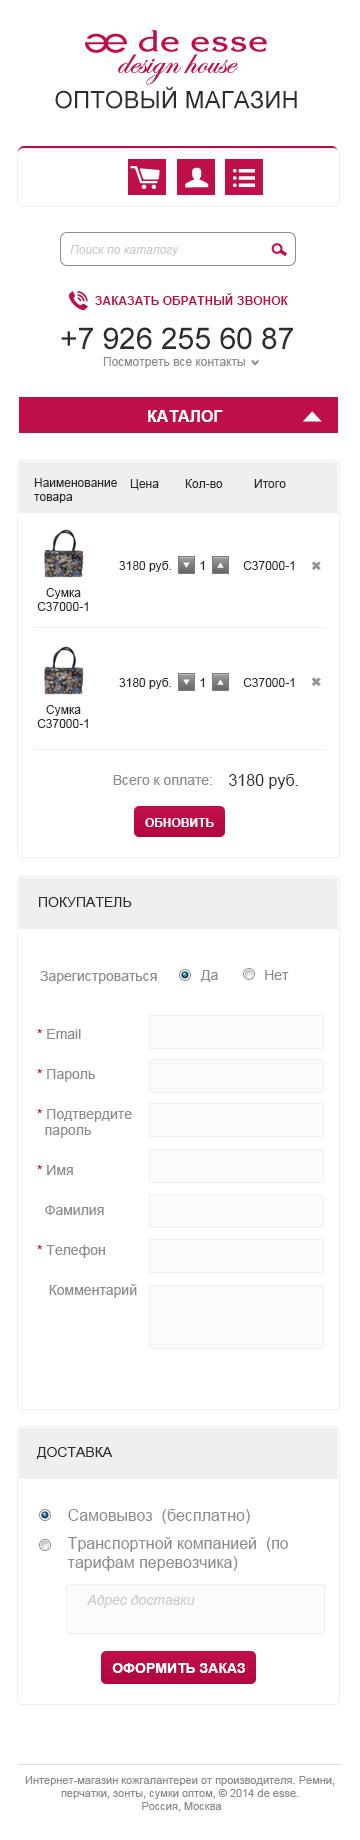 Интернет магазин кожгалантереи De Esse мобильная версия - Оформление заказа